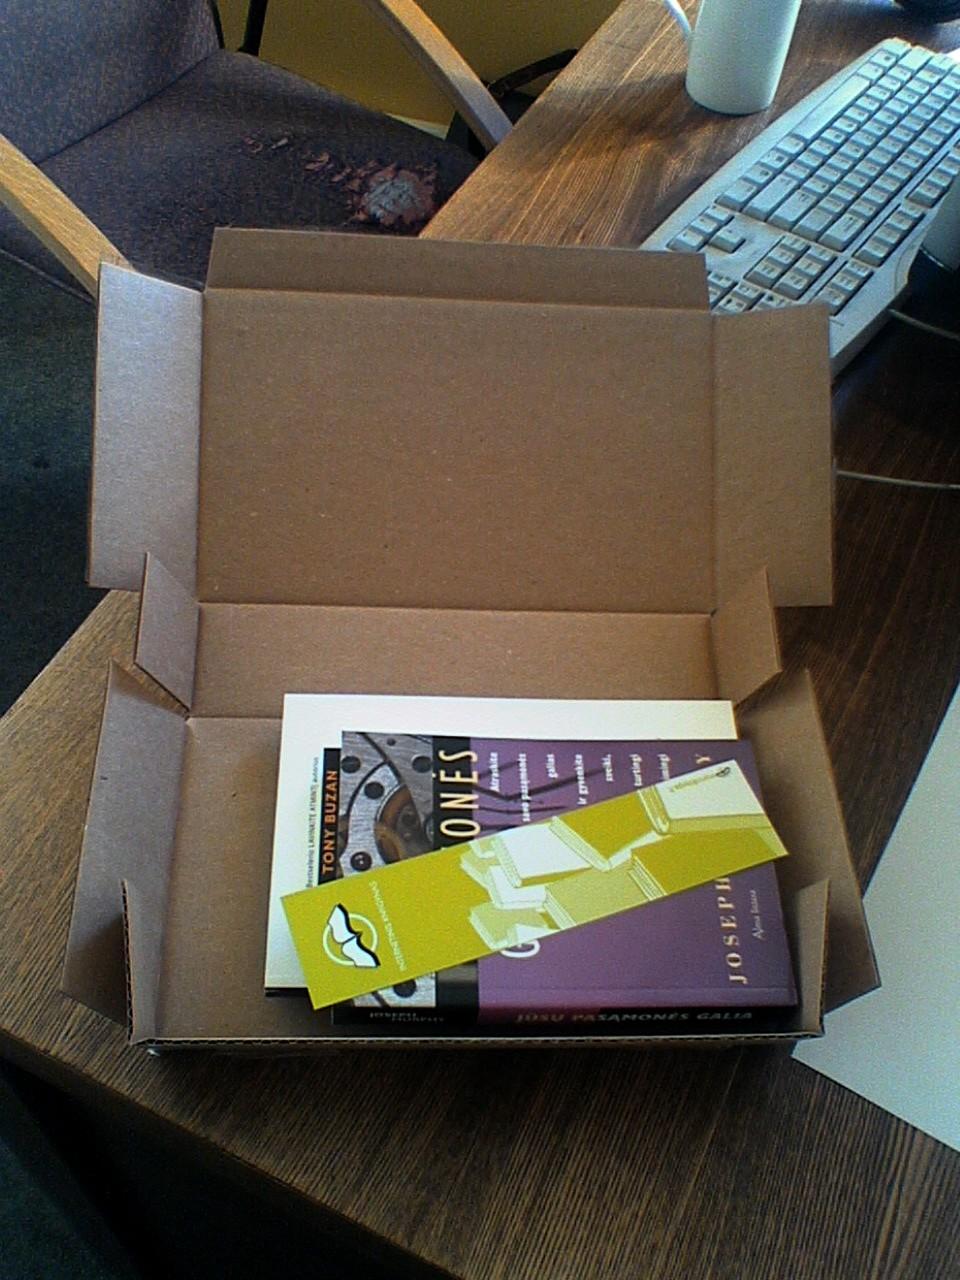 Štai ką radau vos pravėręs paketą.